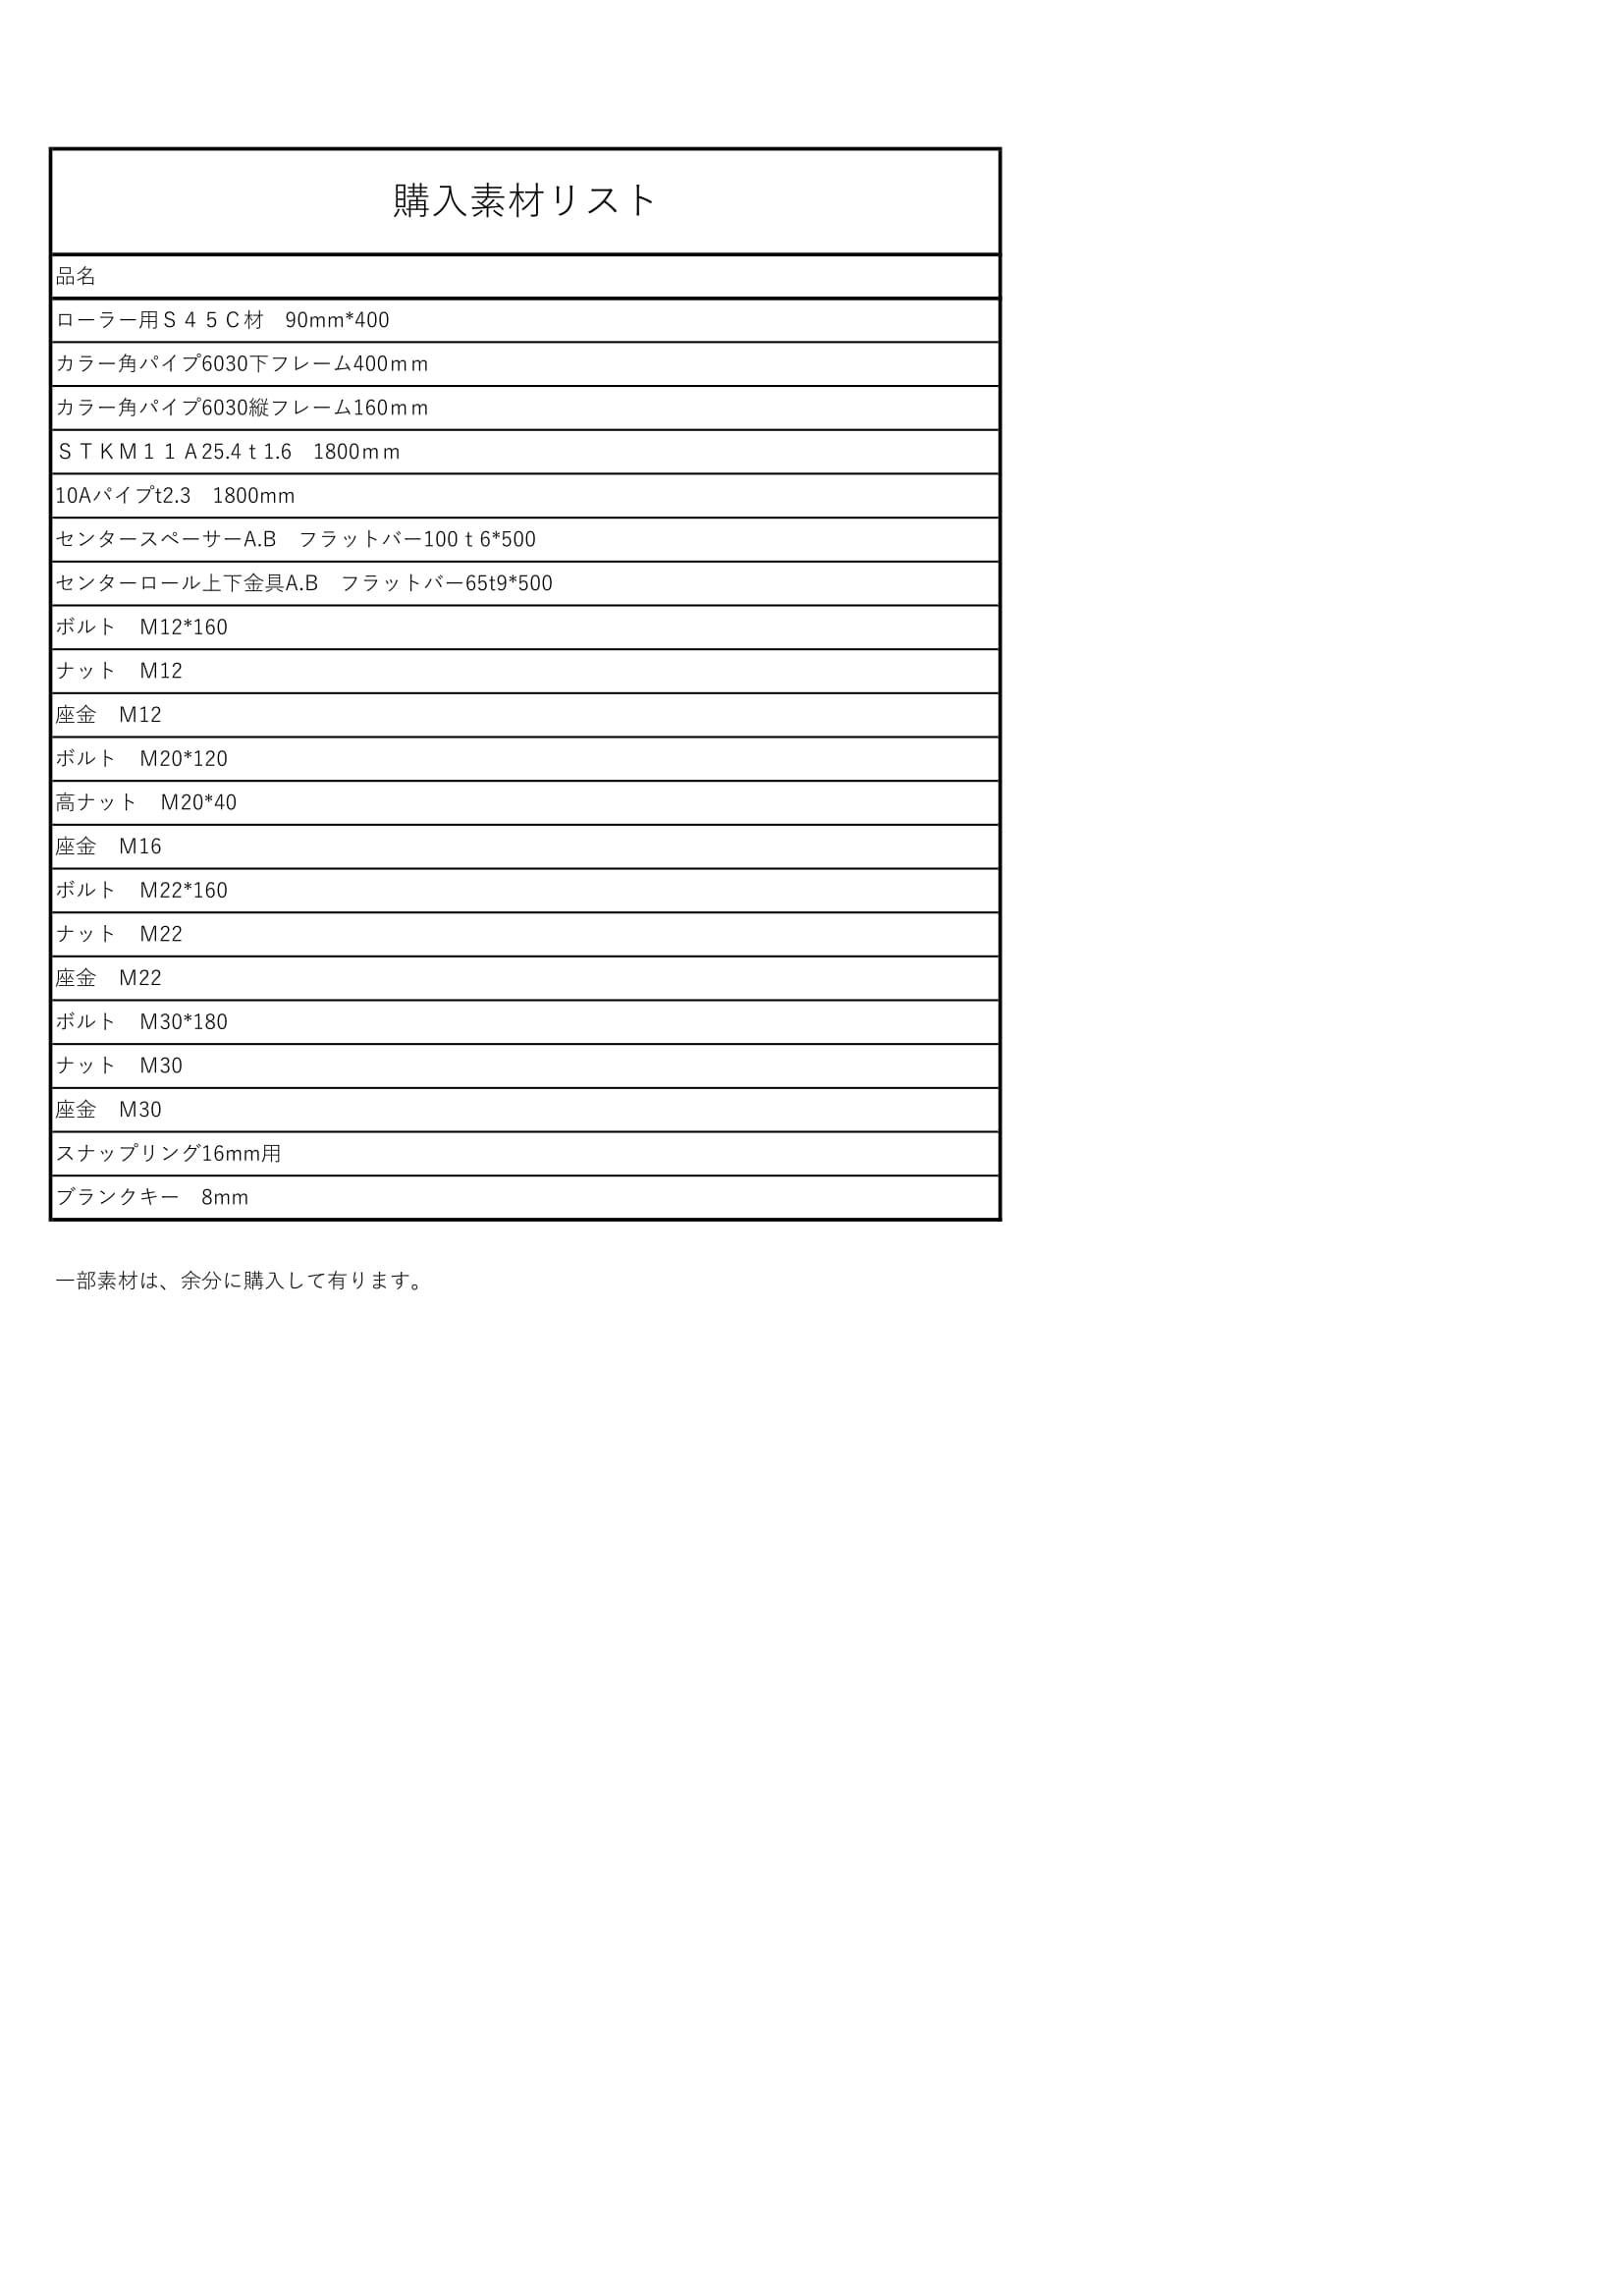 2チューブローラー2_購入リスト-1